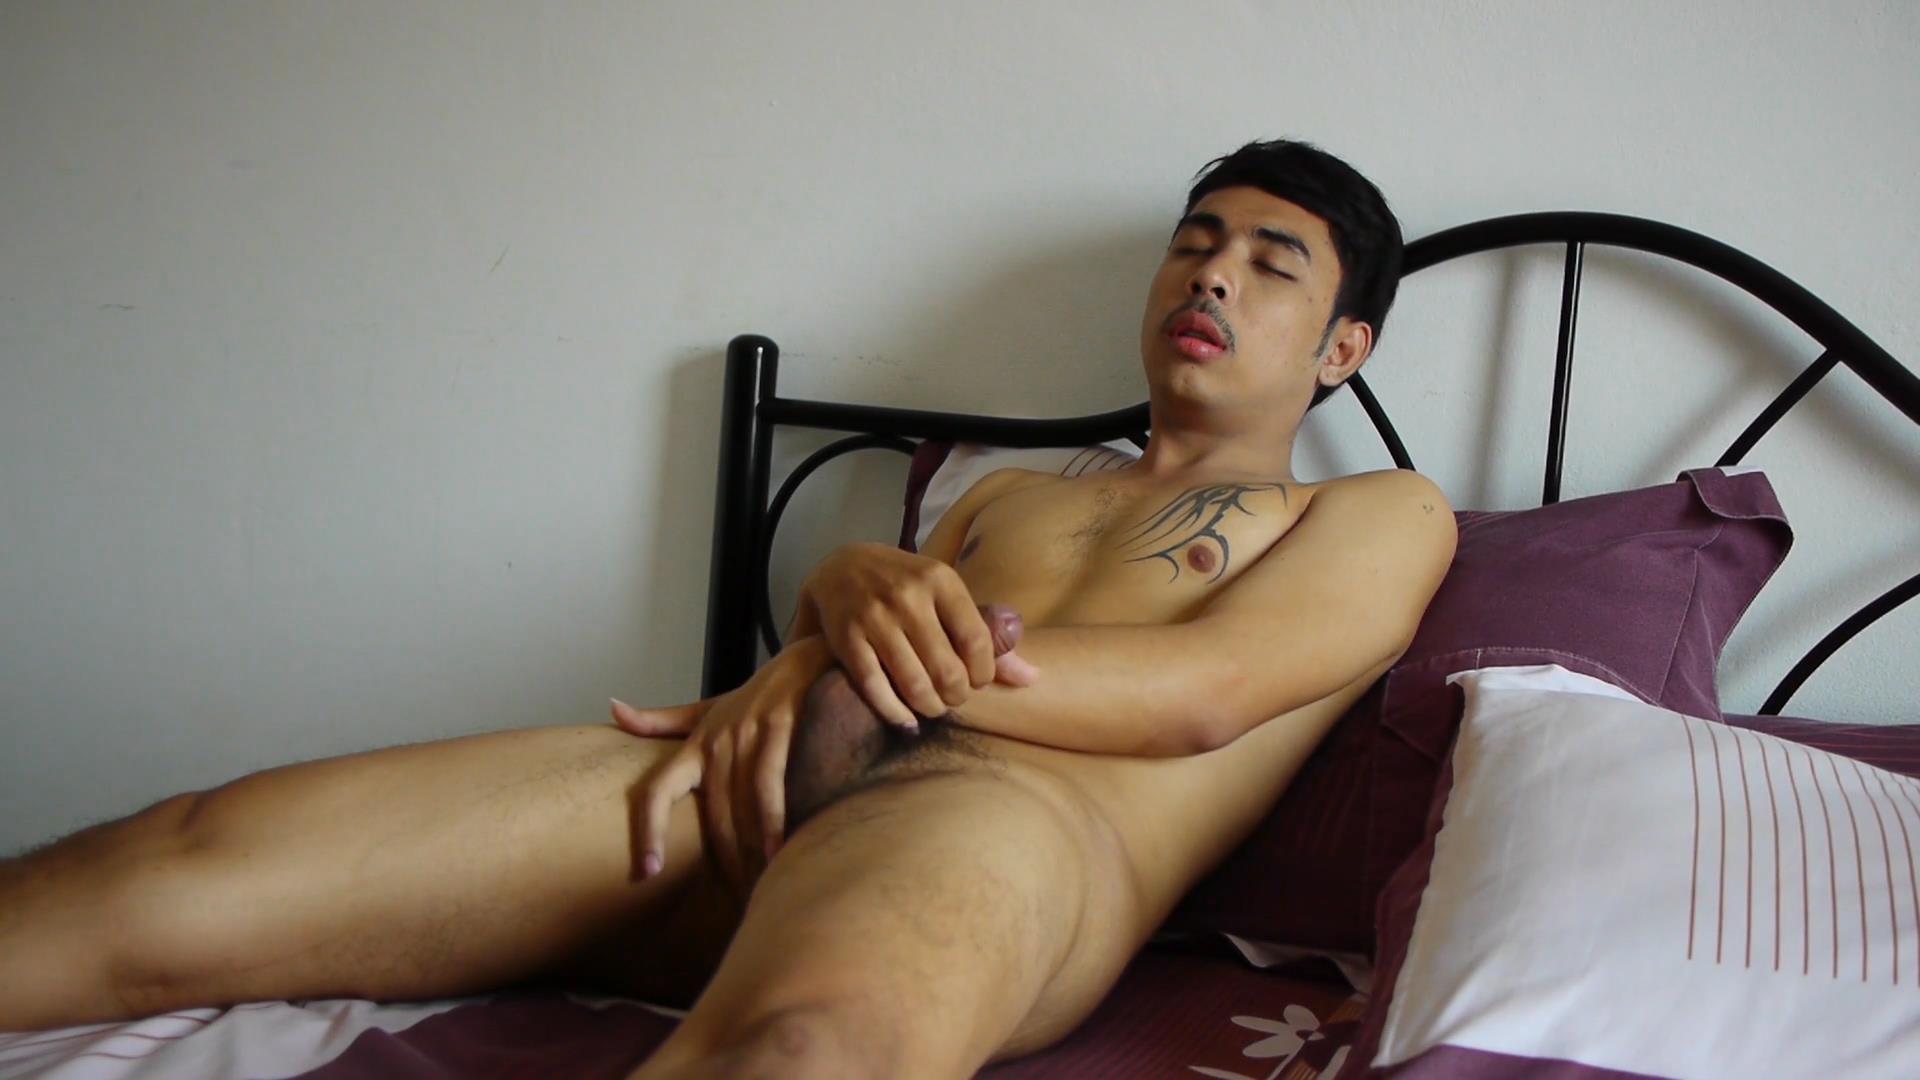 Asian Cocks Porn free nude big asian cock pics - hot nude photos.